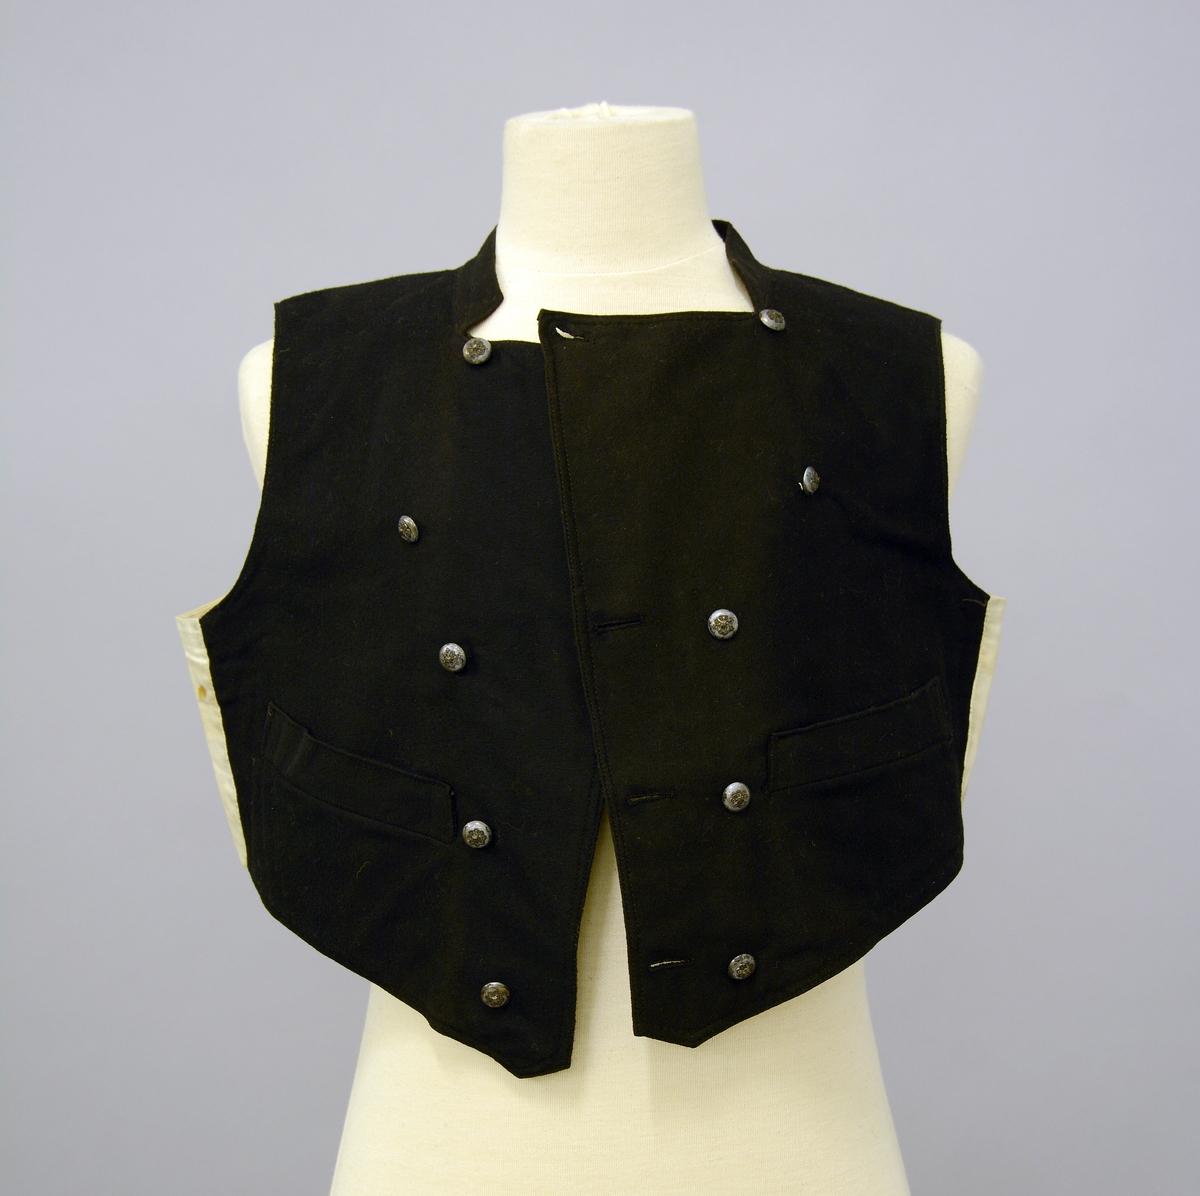 Grøntrøyekledning (A-E) B.Vest av svart klæde, med kvit bul; dubbelspent med 5 skaaleknappar med roset påå, i sylv. Fra Protokoll.